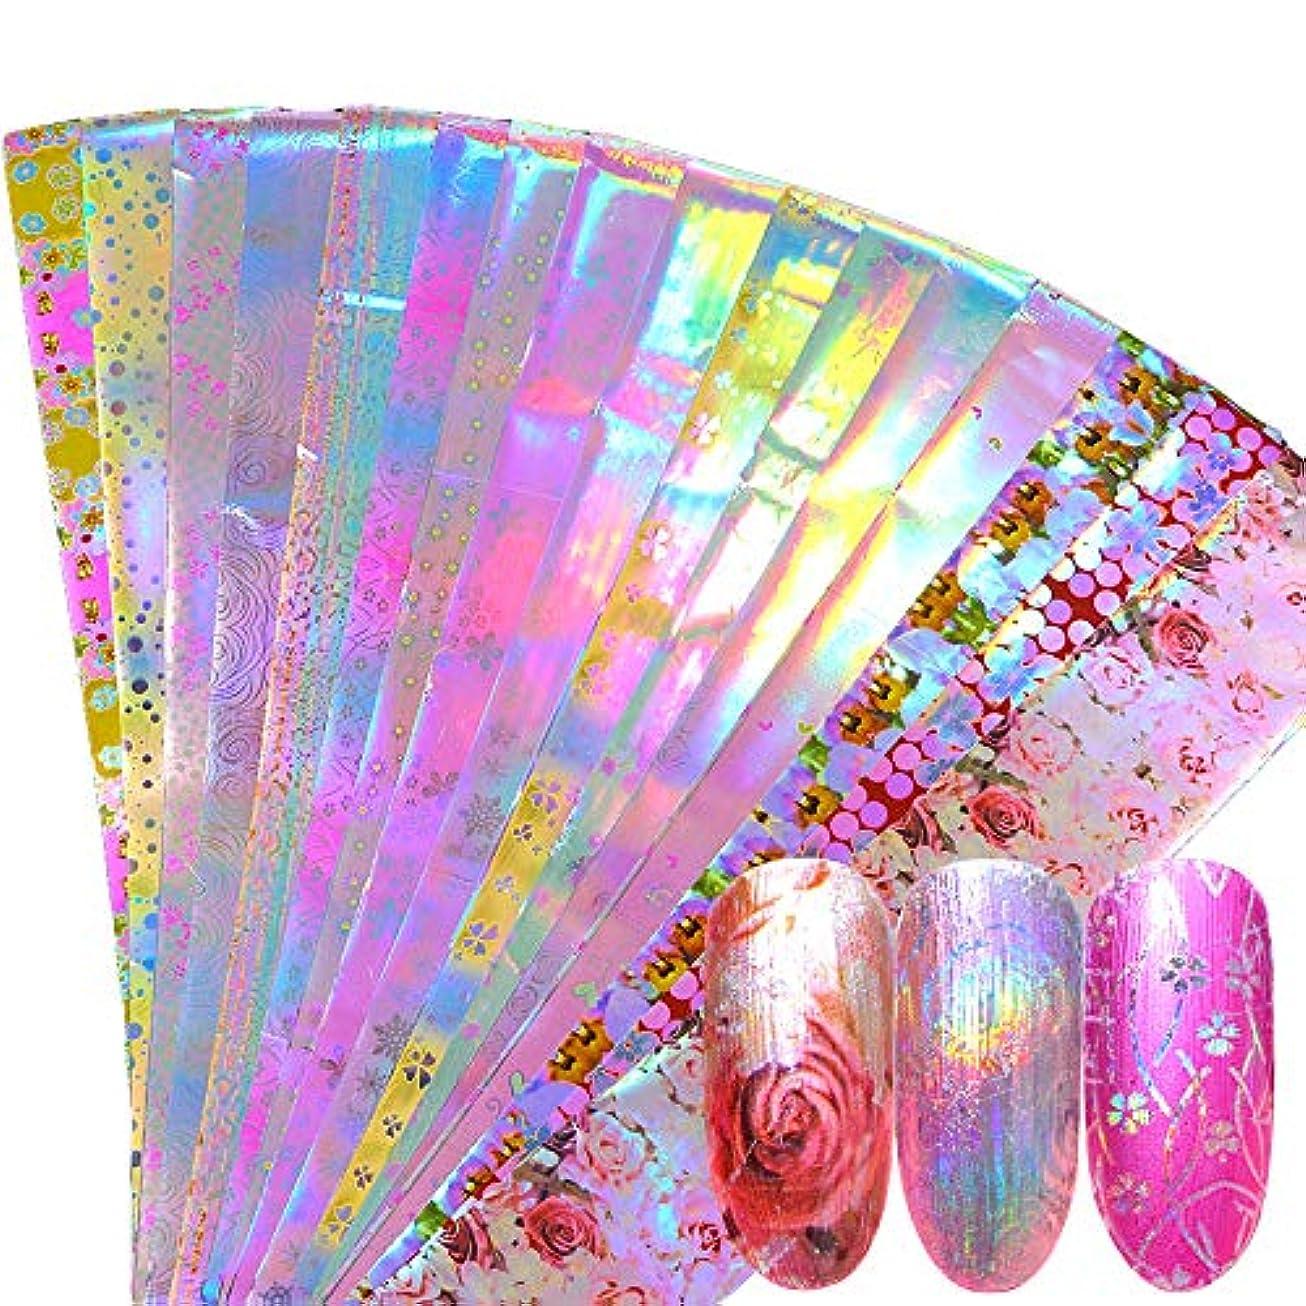 震える成り立つ決してSUKTI&XIAO ネイルステッカー 16ピースホログラフィックネイル箔セットミックスフラワーデザイン転写箔ネイルポリッシュステッカーネイルアート装飾スライダーデカール